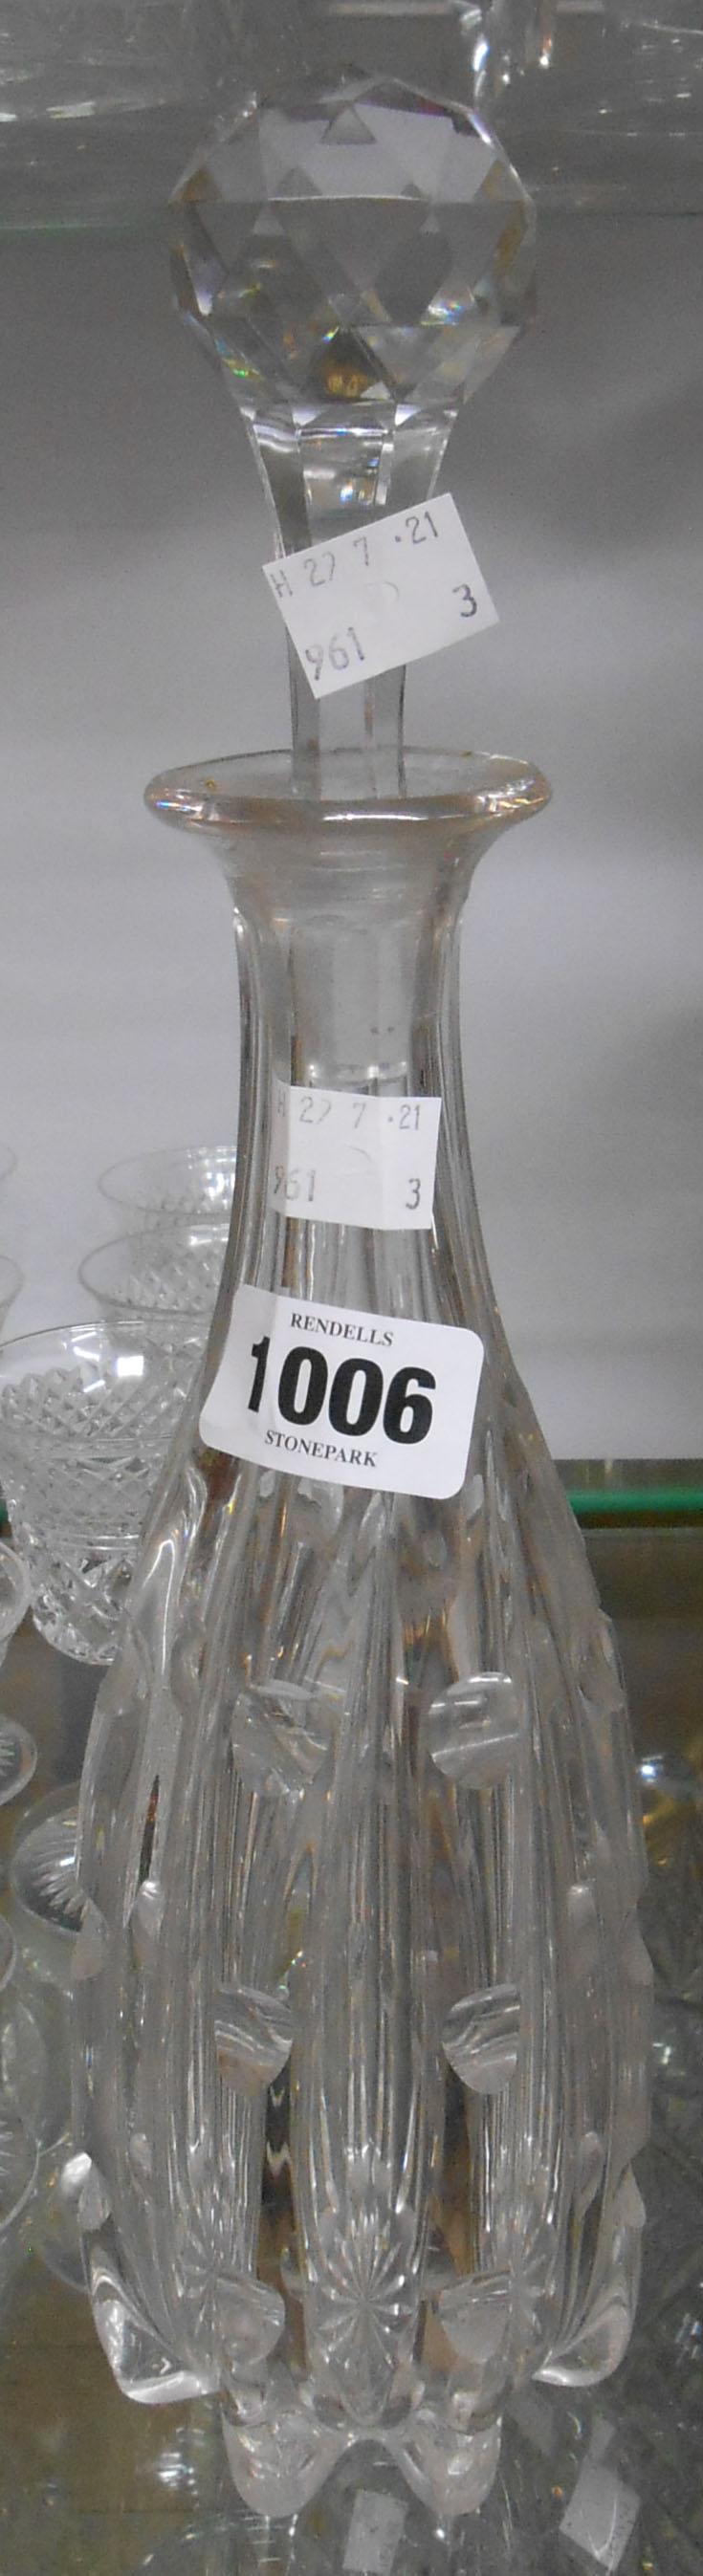 An Edwardian cut glass spirit decanter